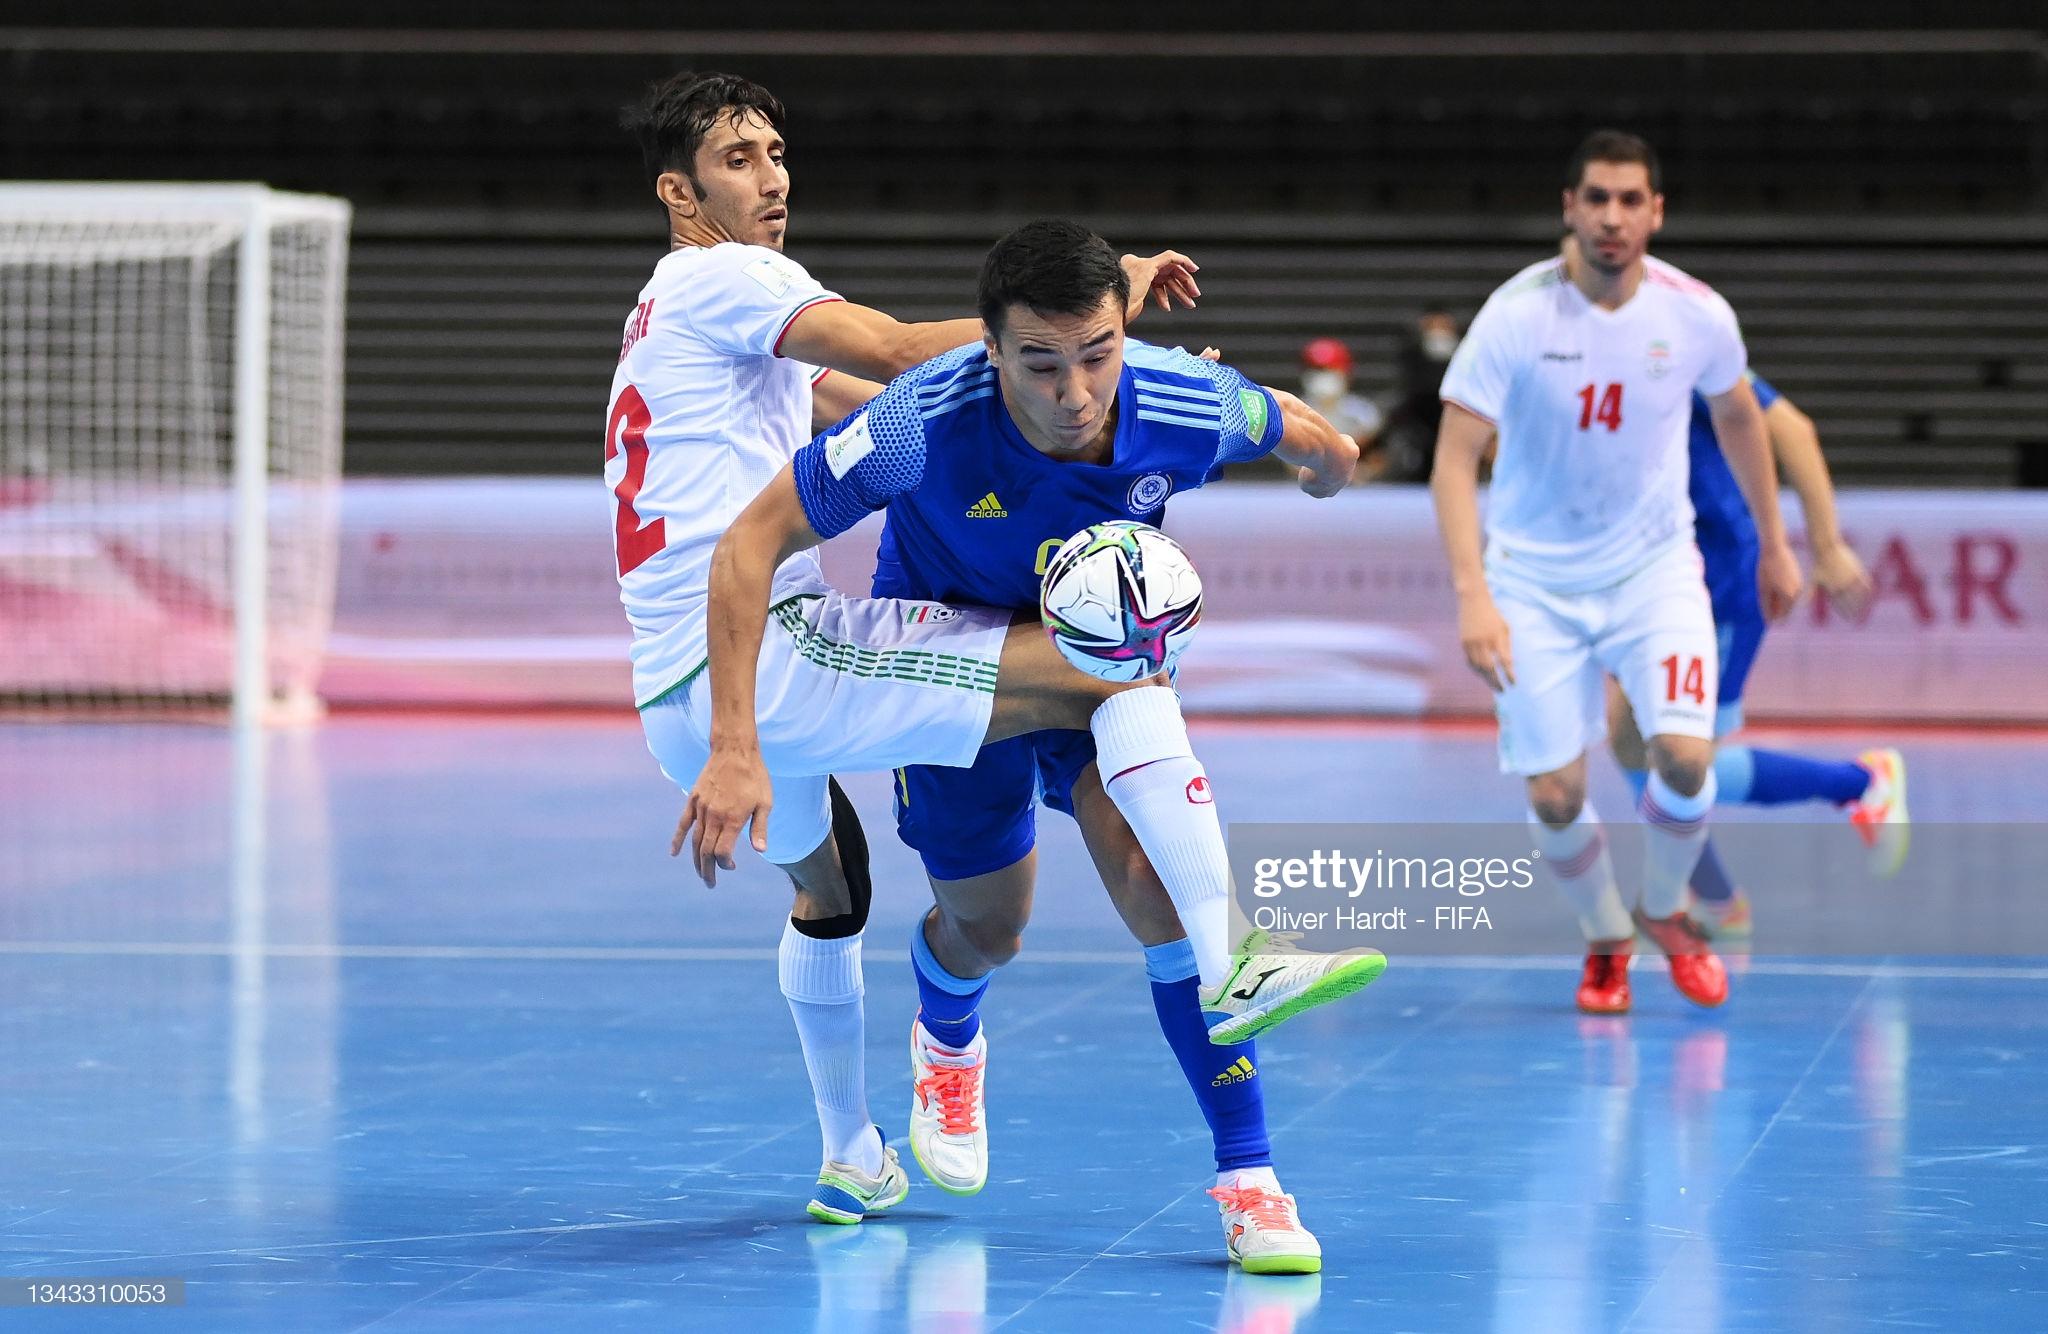 Dù bị đánh giá thấp hơn nhưng Kazakhstan đã có màn trình diễn quật khởi để đánh bại Iran, giành quyền vào chơi bán kết FIFA futsal World Cup 2021